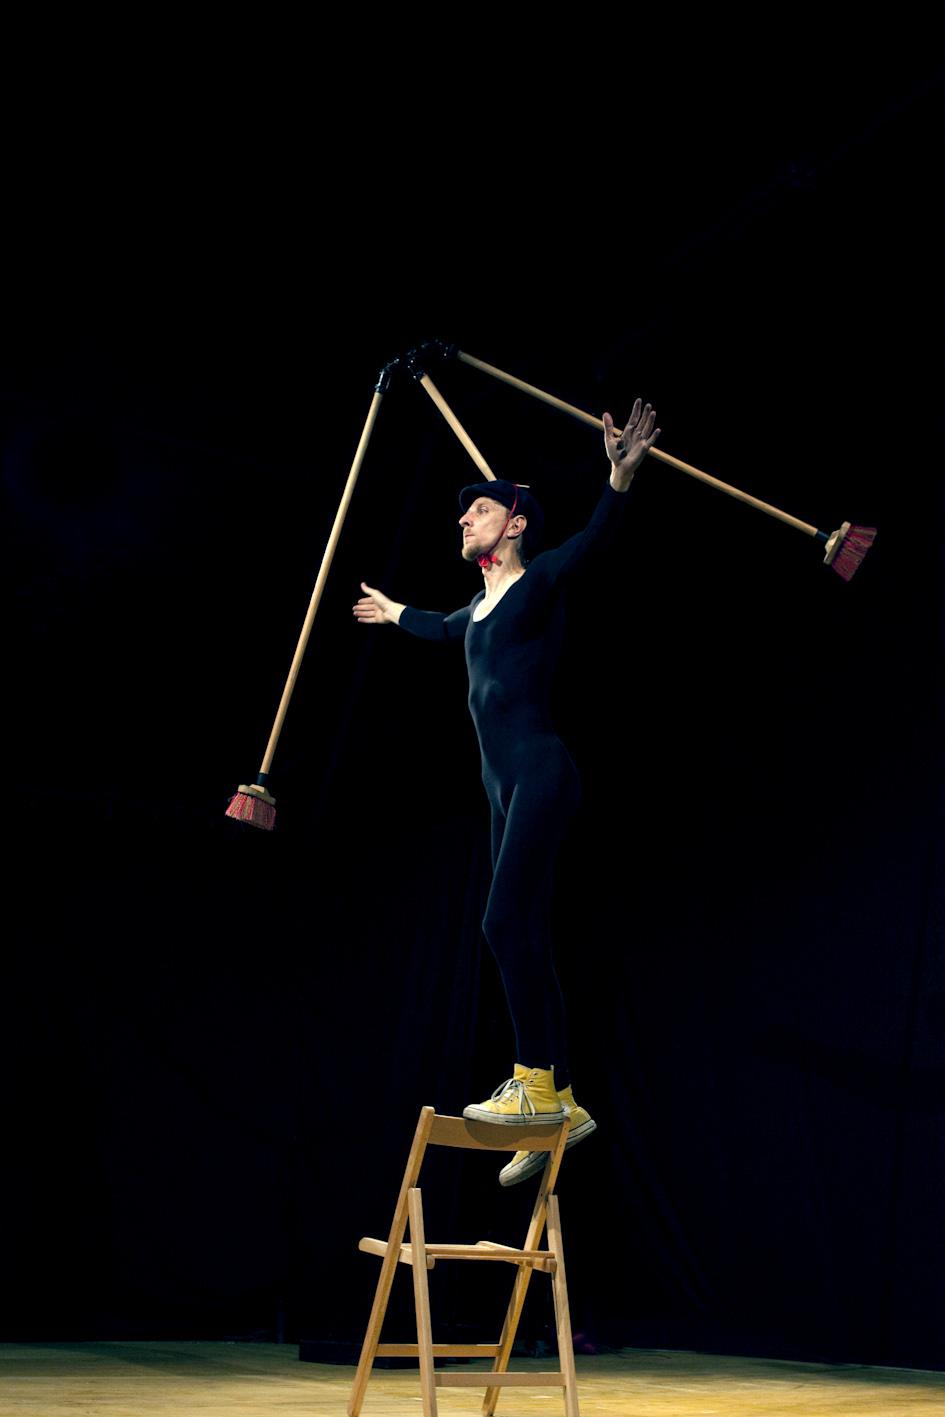 Tobia Circus in Equilibrium Tremens